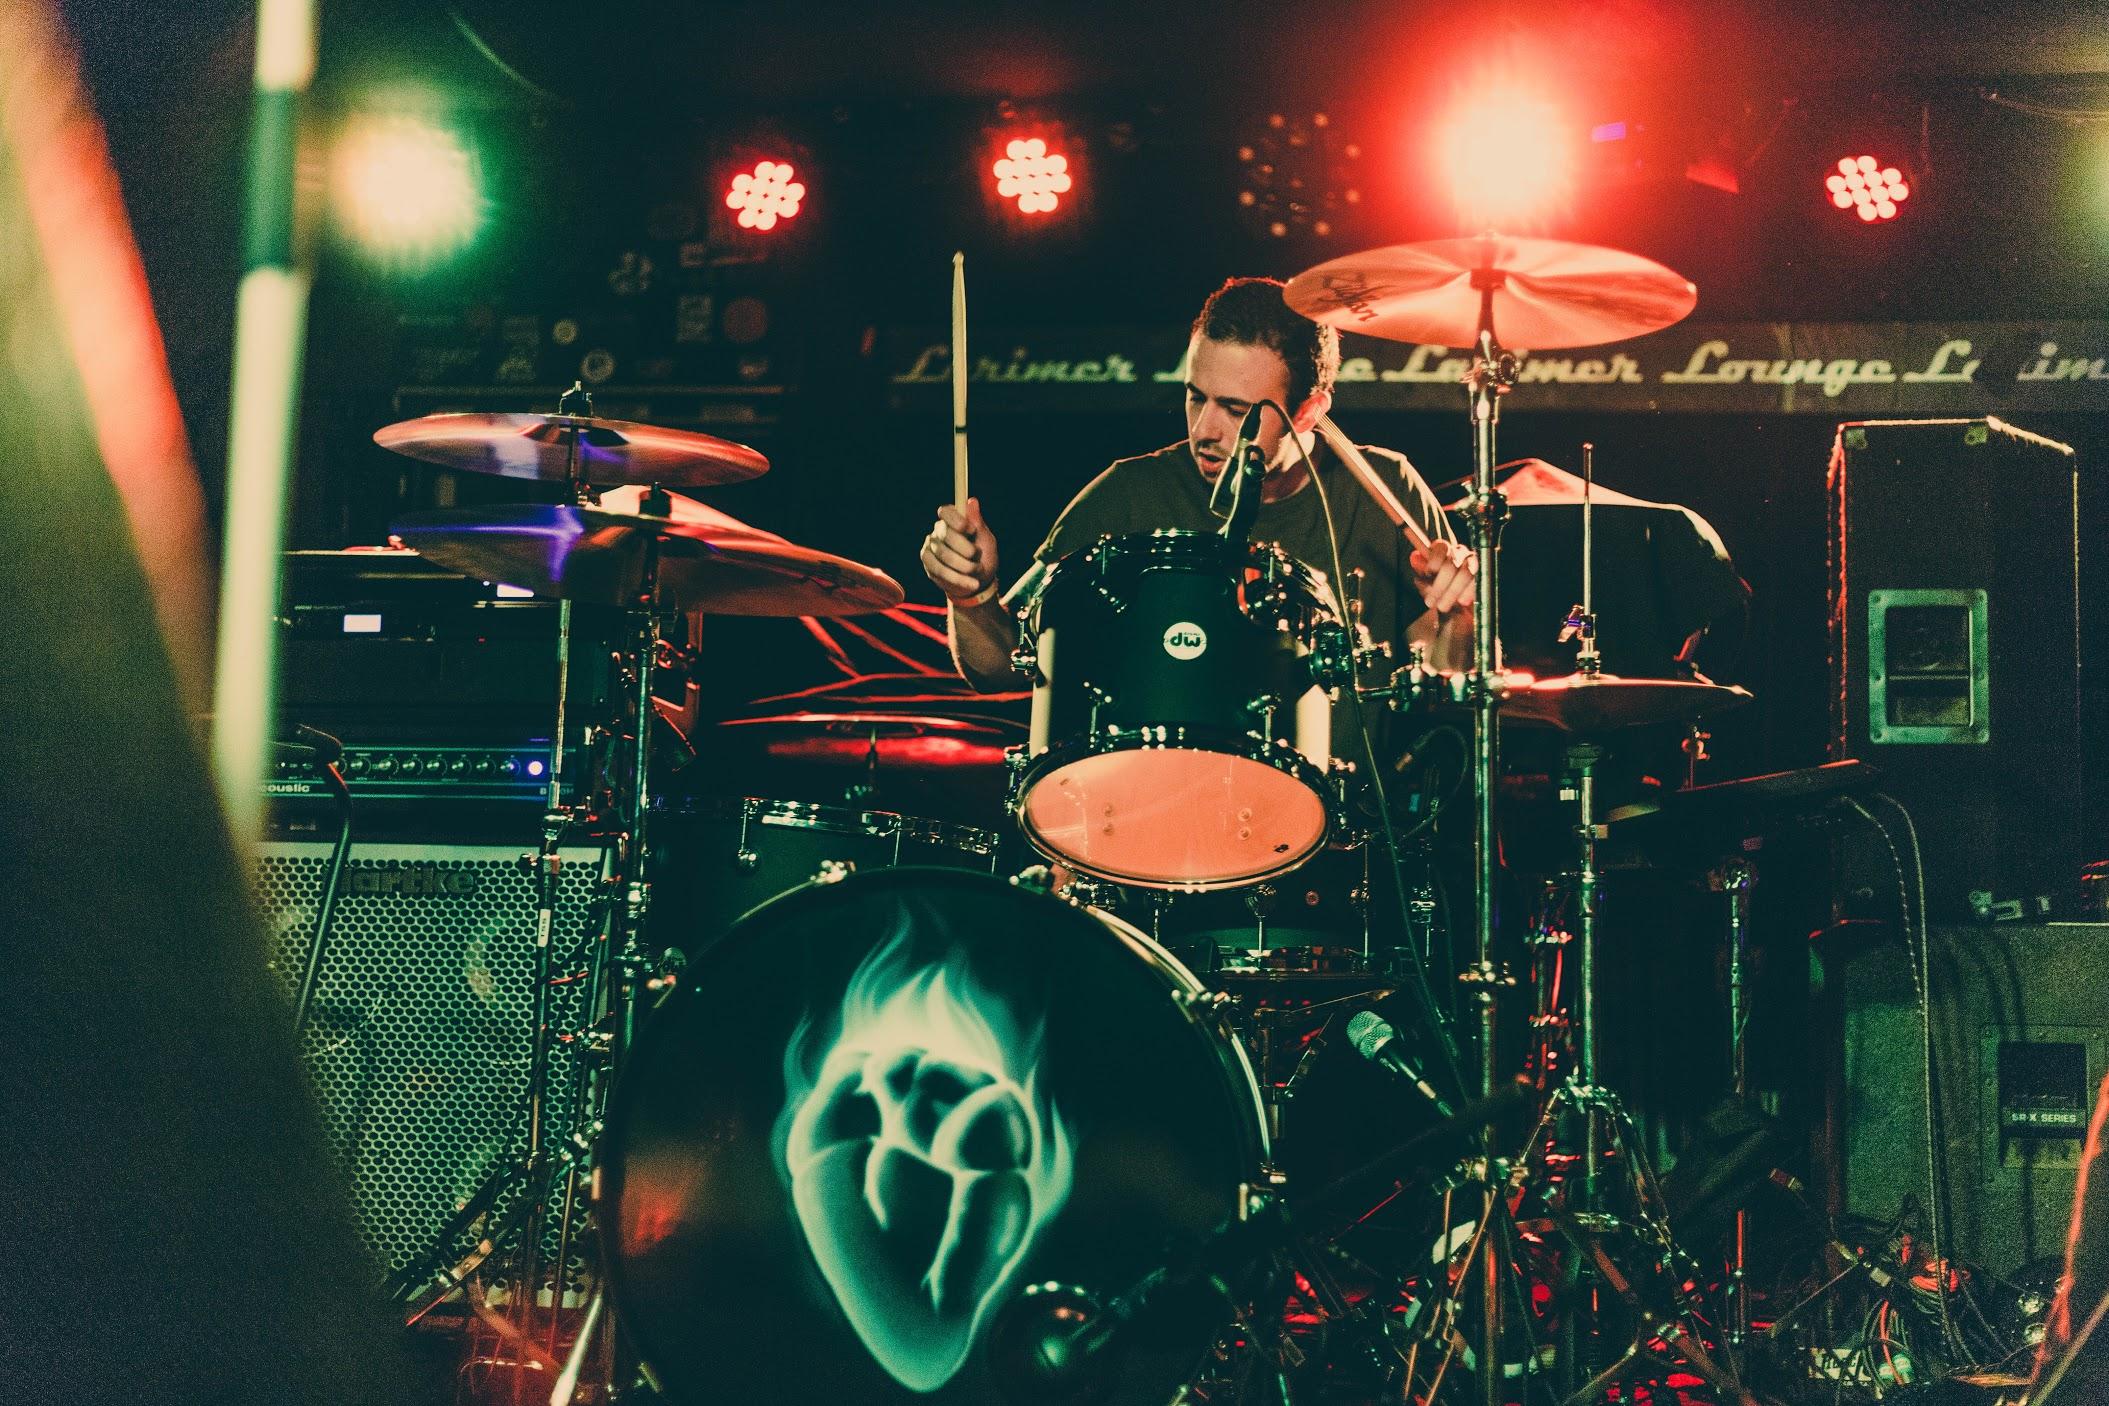 EverIgnite_Drums3.jpg